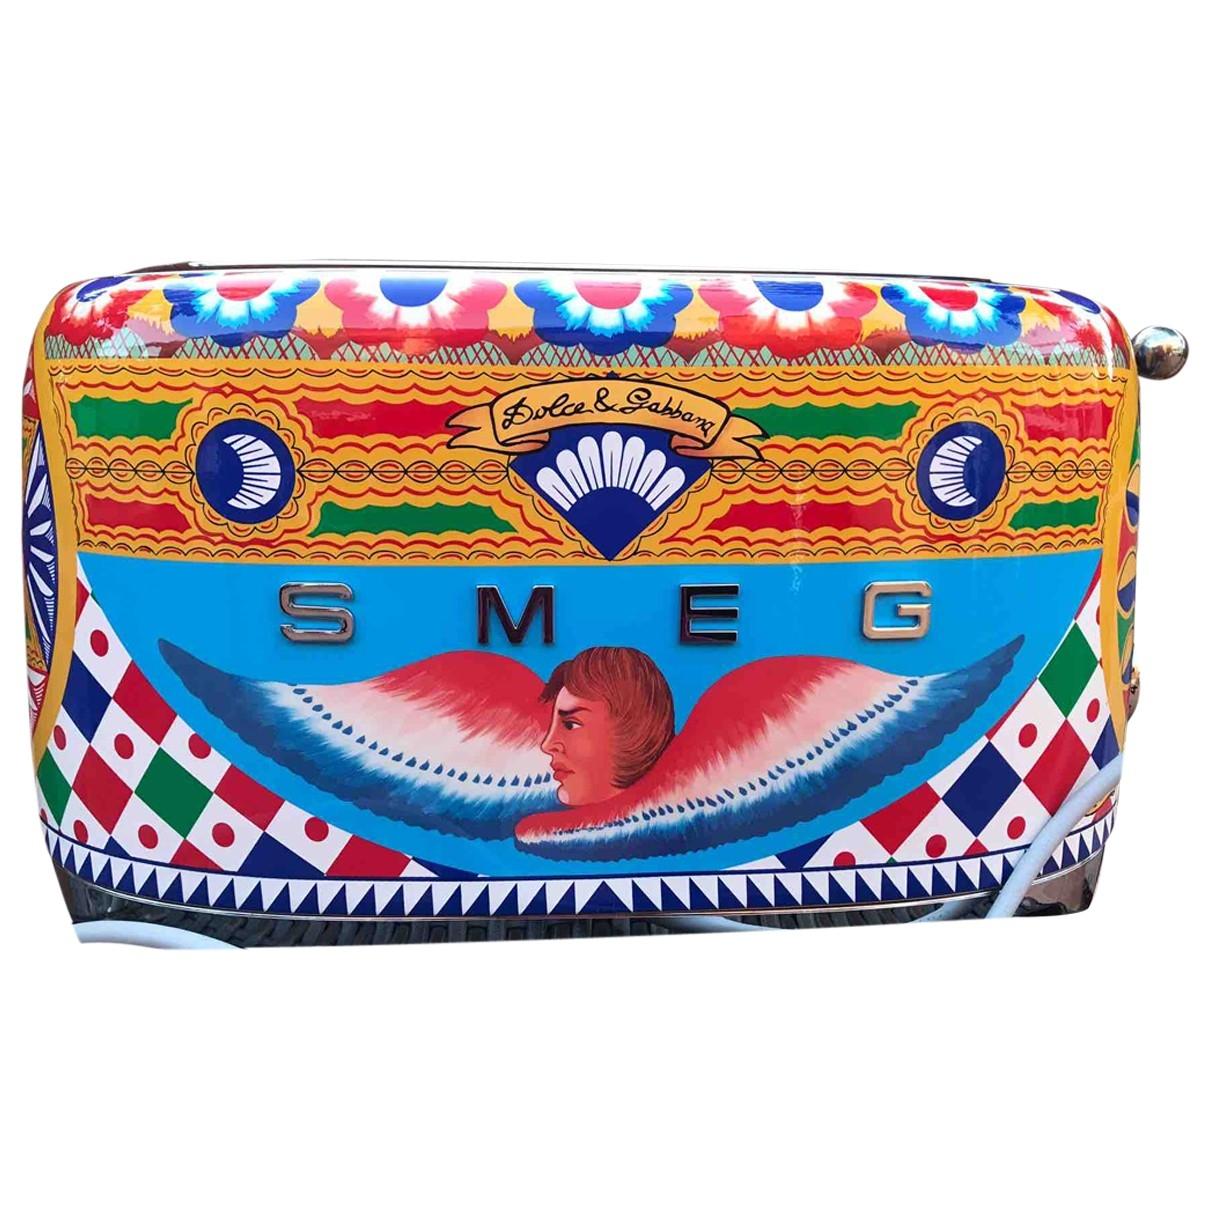 Dolce & Gabbana - Arts de la table   pour lifestyle en metal - multicolore